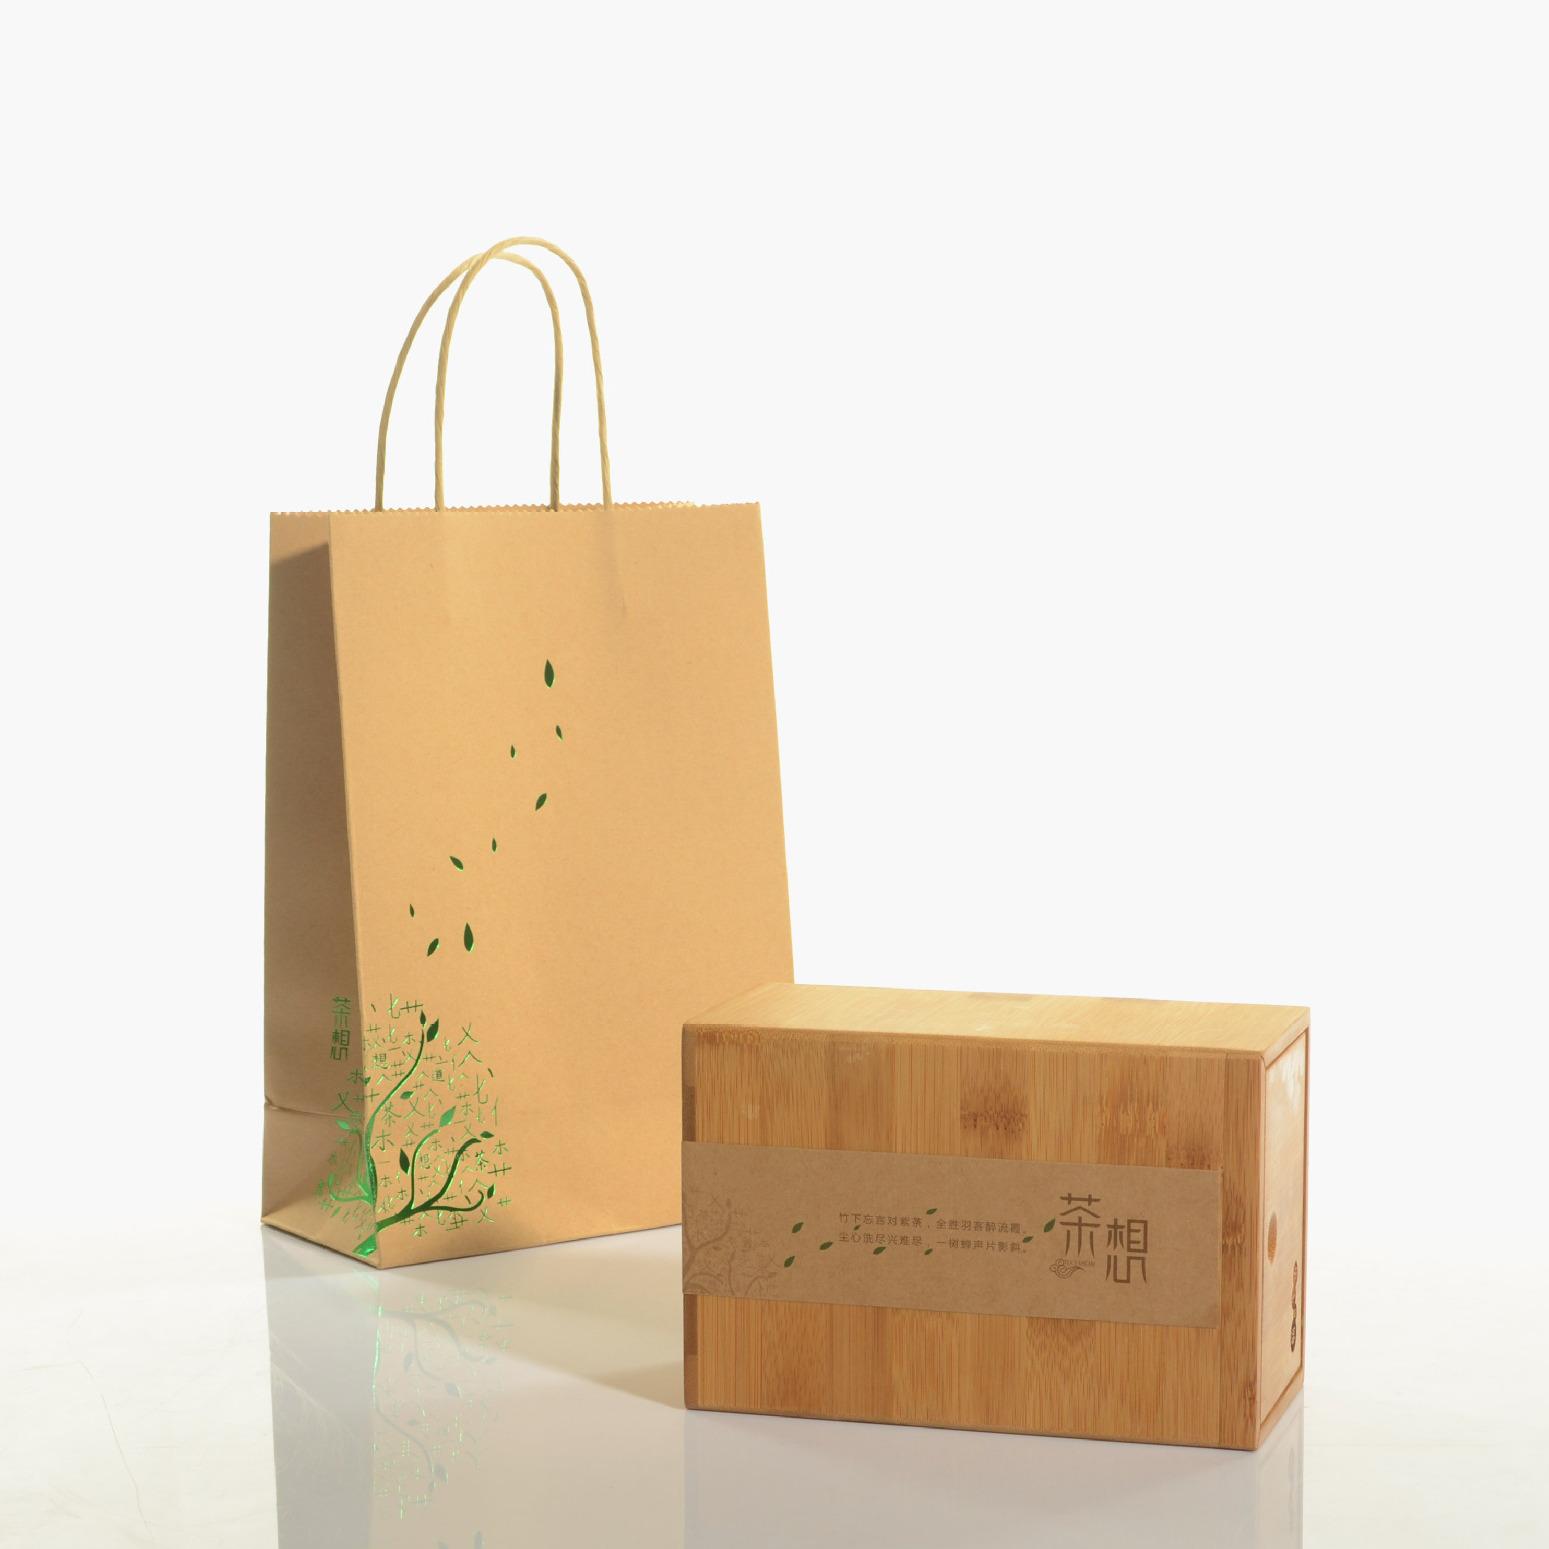 供应 家友竹 茶想A 竹木包装制品 茶叶包装盒 高档竹盒包装